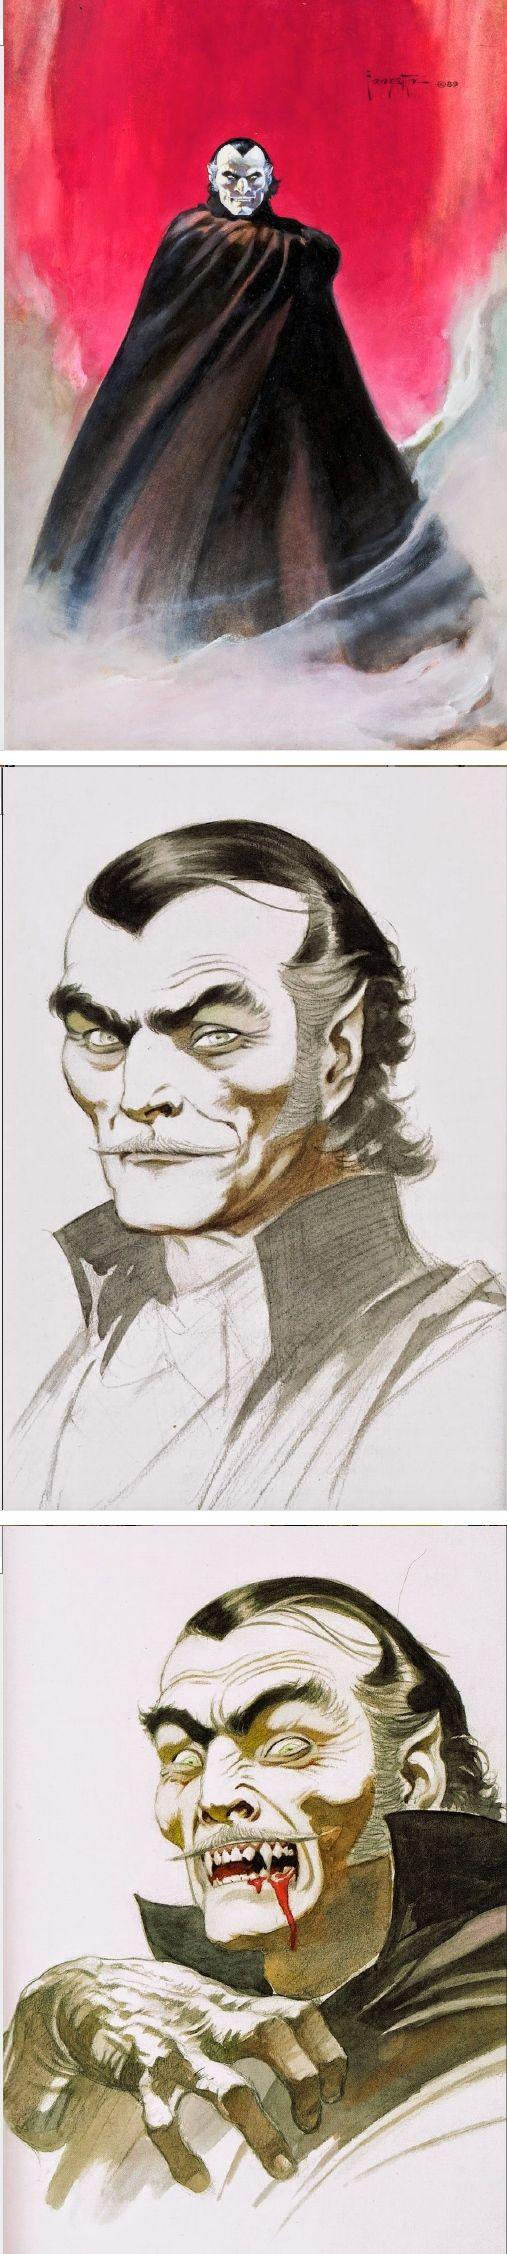 FRANK FRAZETTA - Three Dracula Sketches - prints by capnscomics.blogspot.com